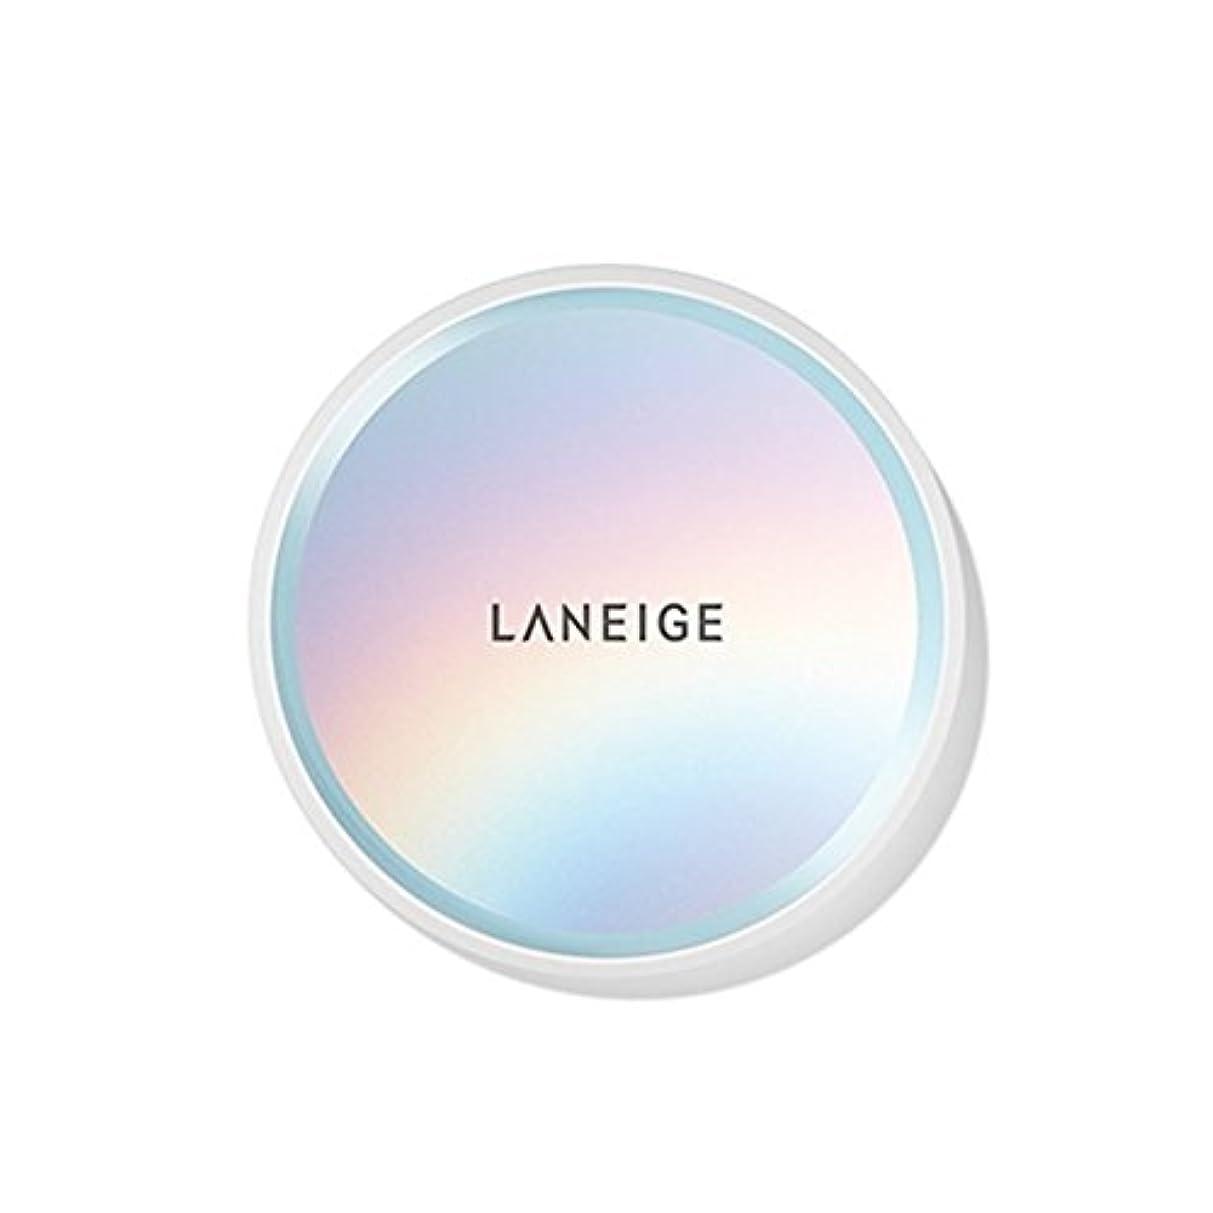 受け入れた予想するネブ【ラネージュ】 LANEIGE BB Cushion Pore Control BBクッションポアコントロール 【韓国直送品】 OOPSPANDA (6.No. 13 Cool Ivory)